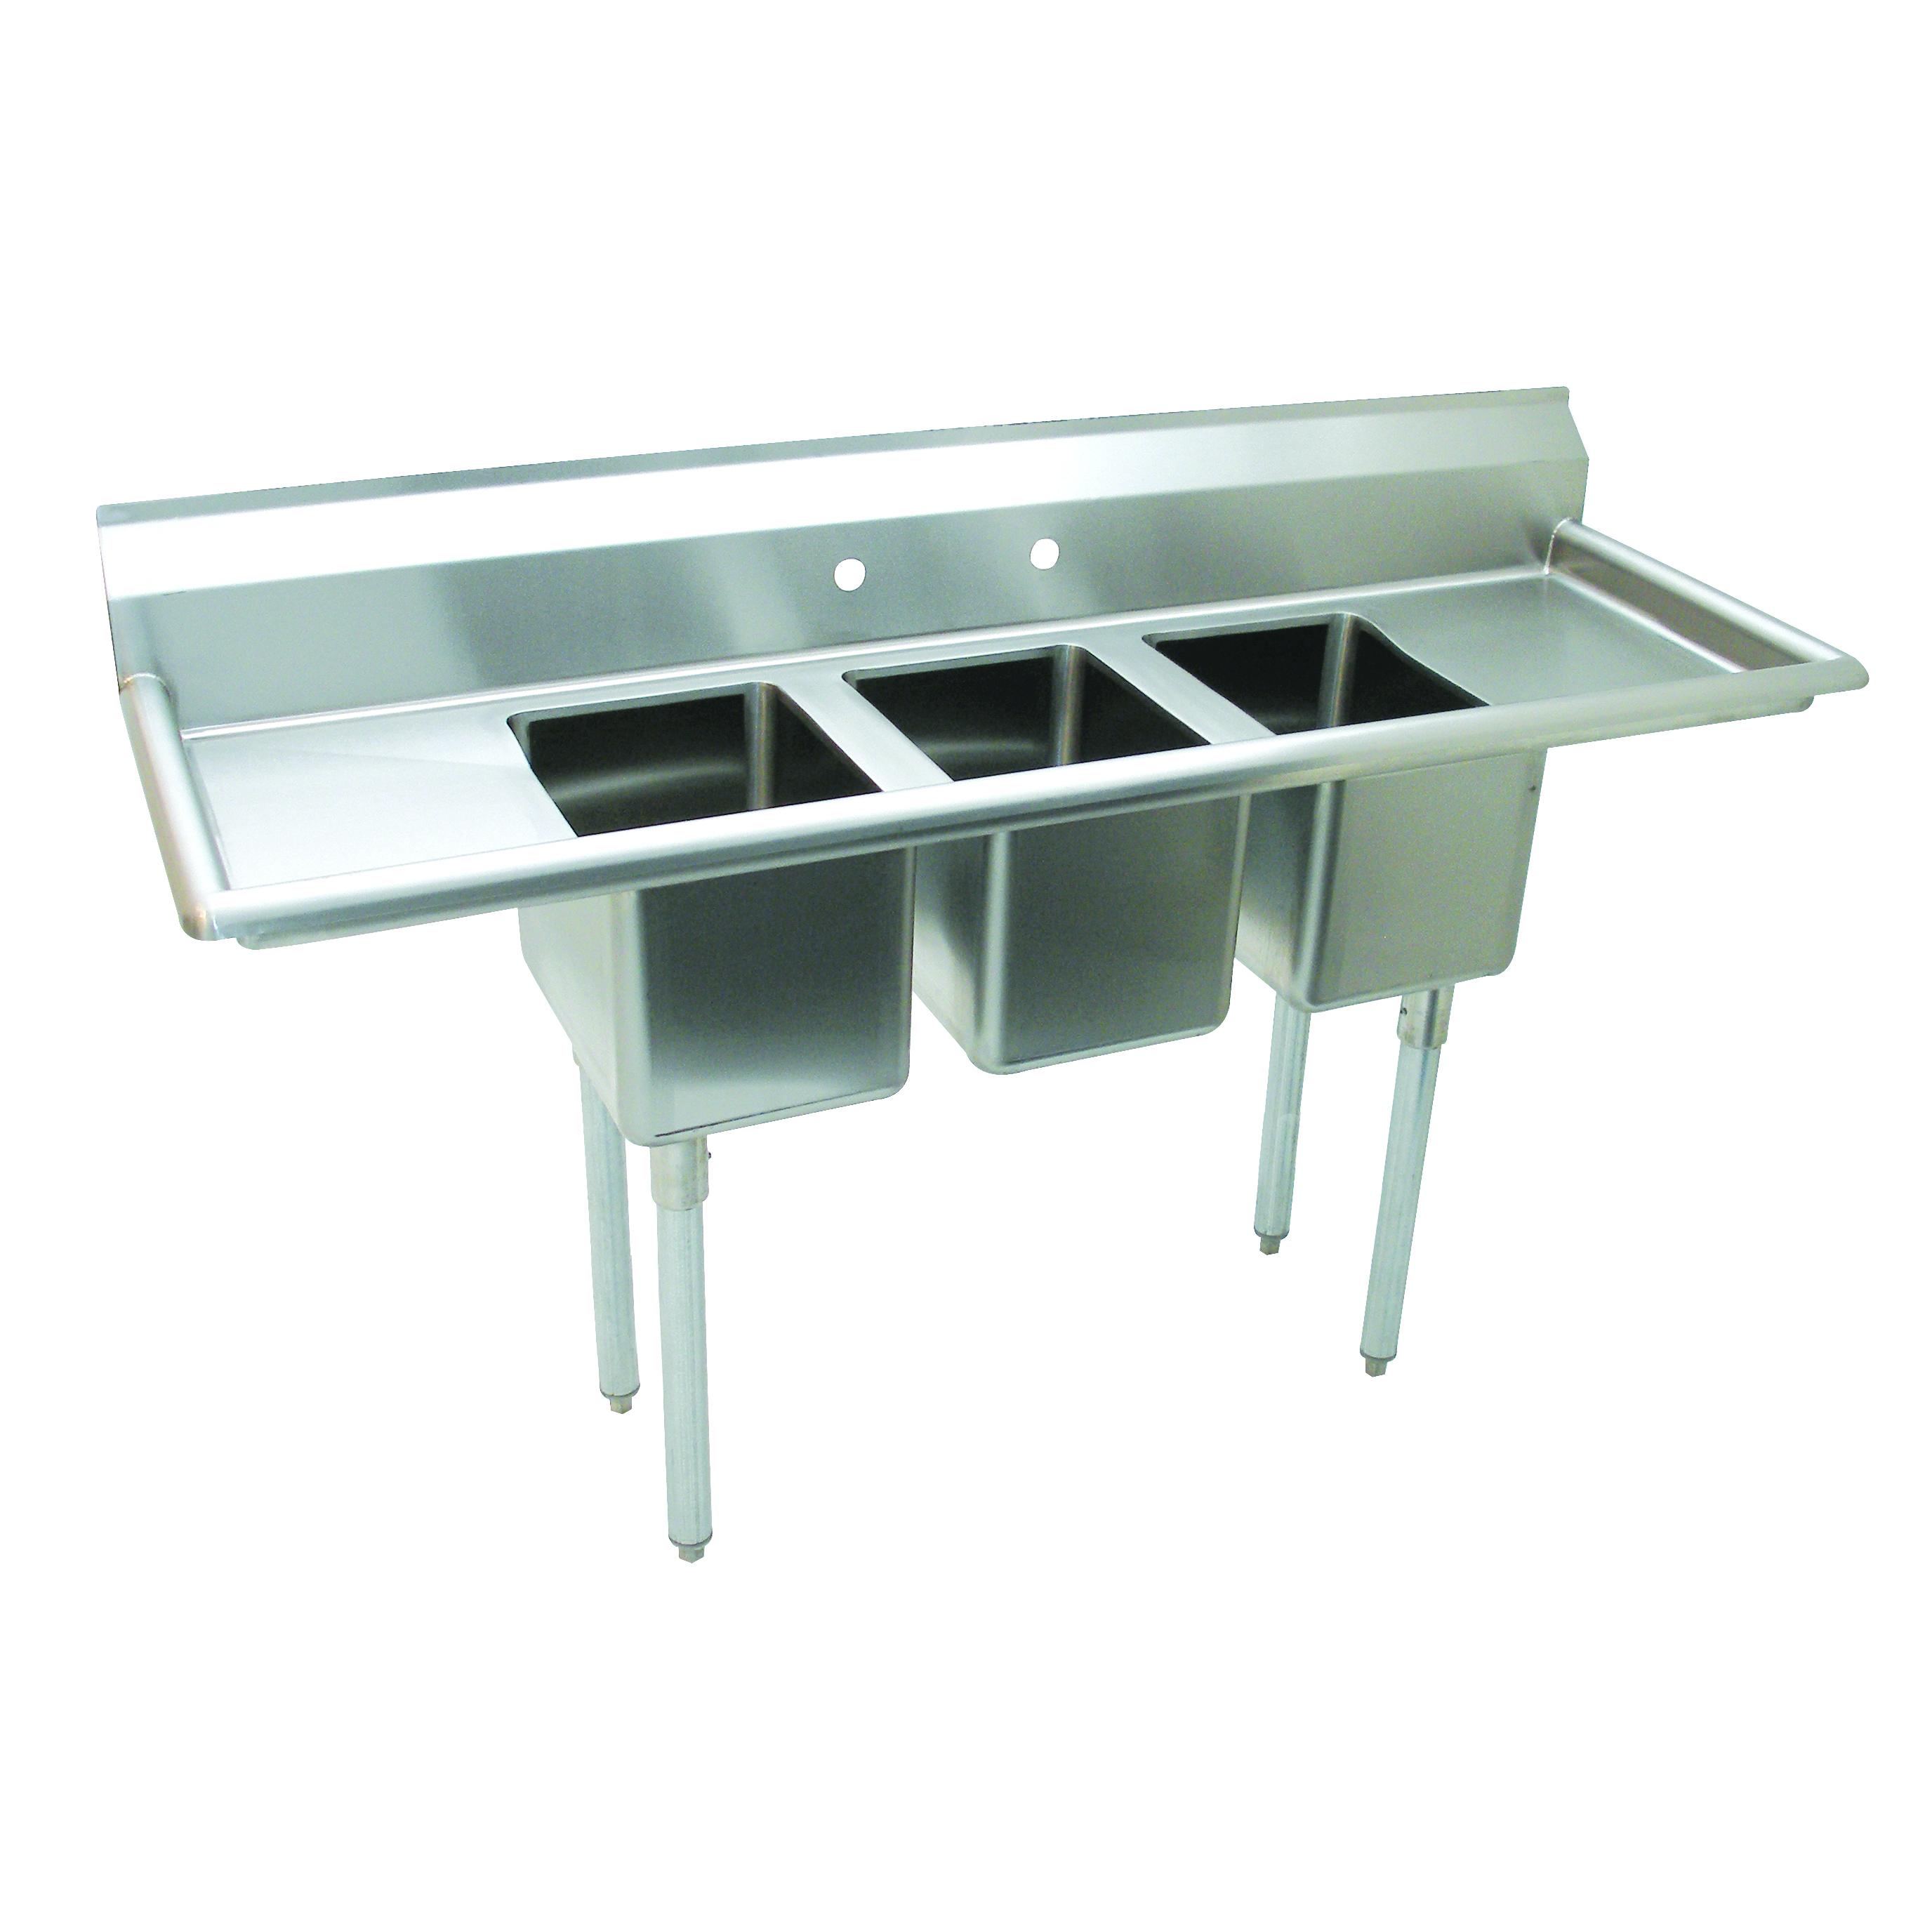 Advance Tabco K7-CS-21-EC-X sink, (3) three compartment